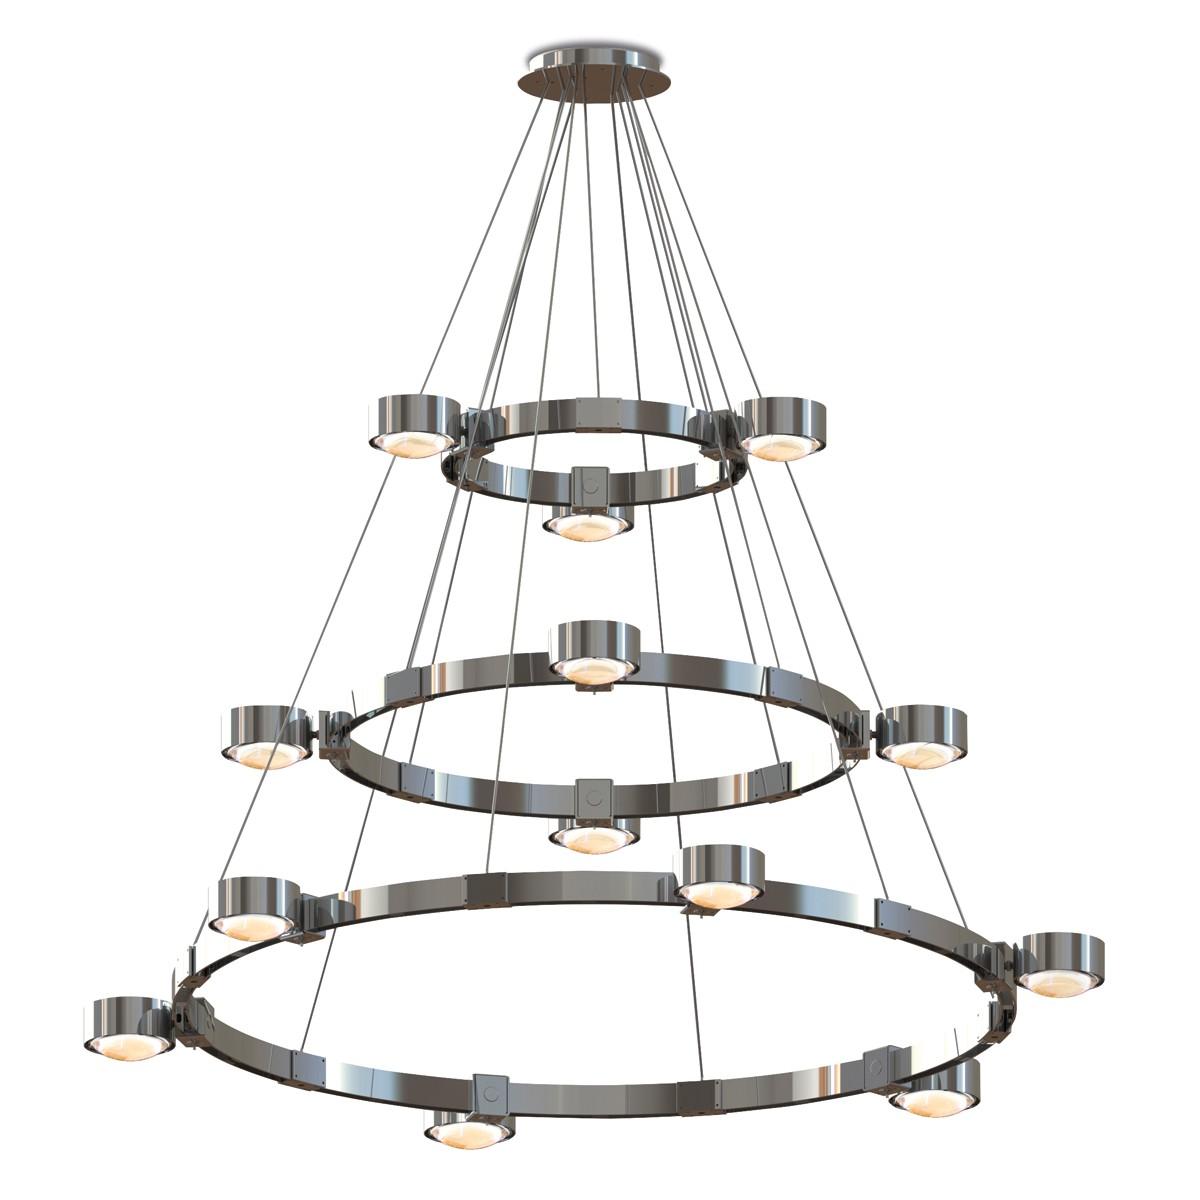 Top Light Puk Maxx Crown XL Pendelleuchte, Chrom, Leuchtenköpfe: Glas satiniert / Linse klar